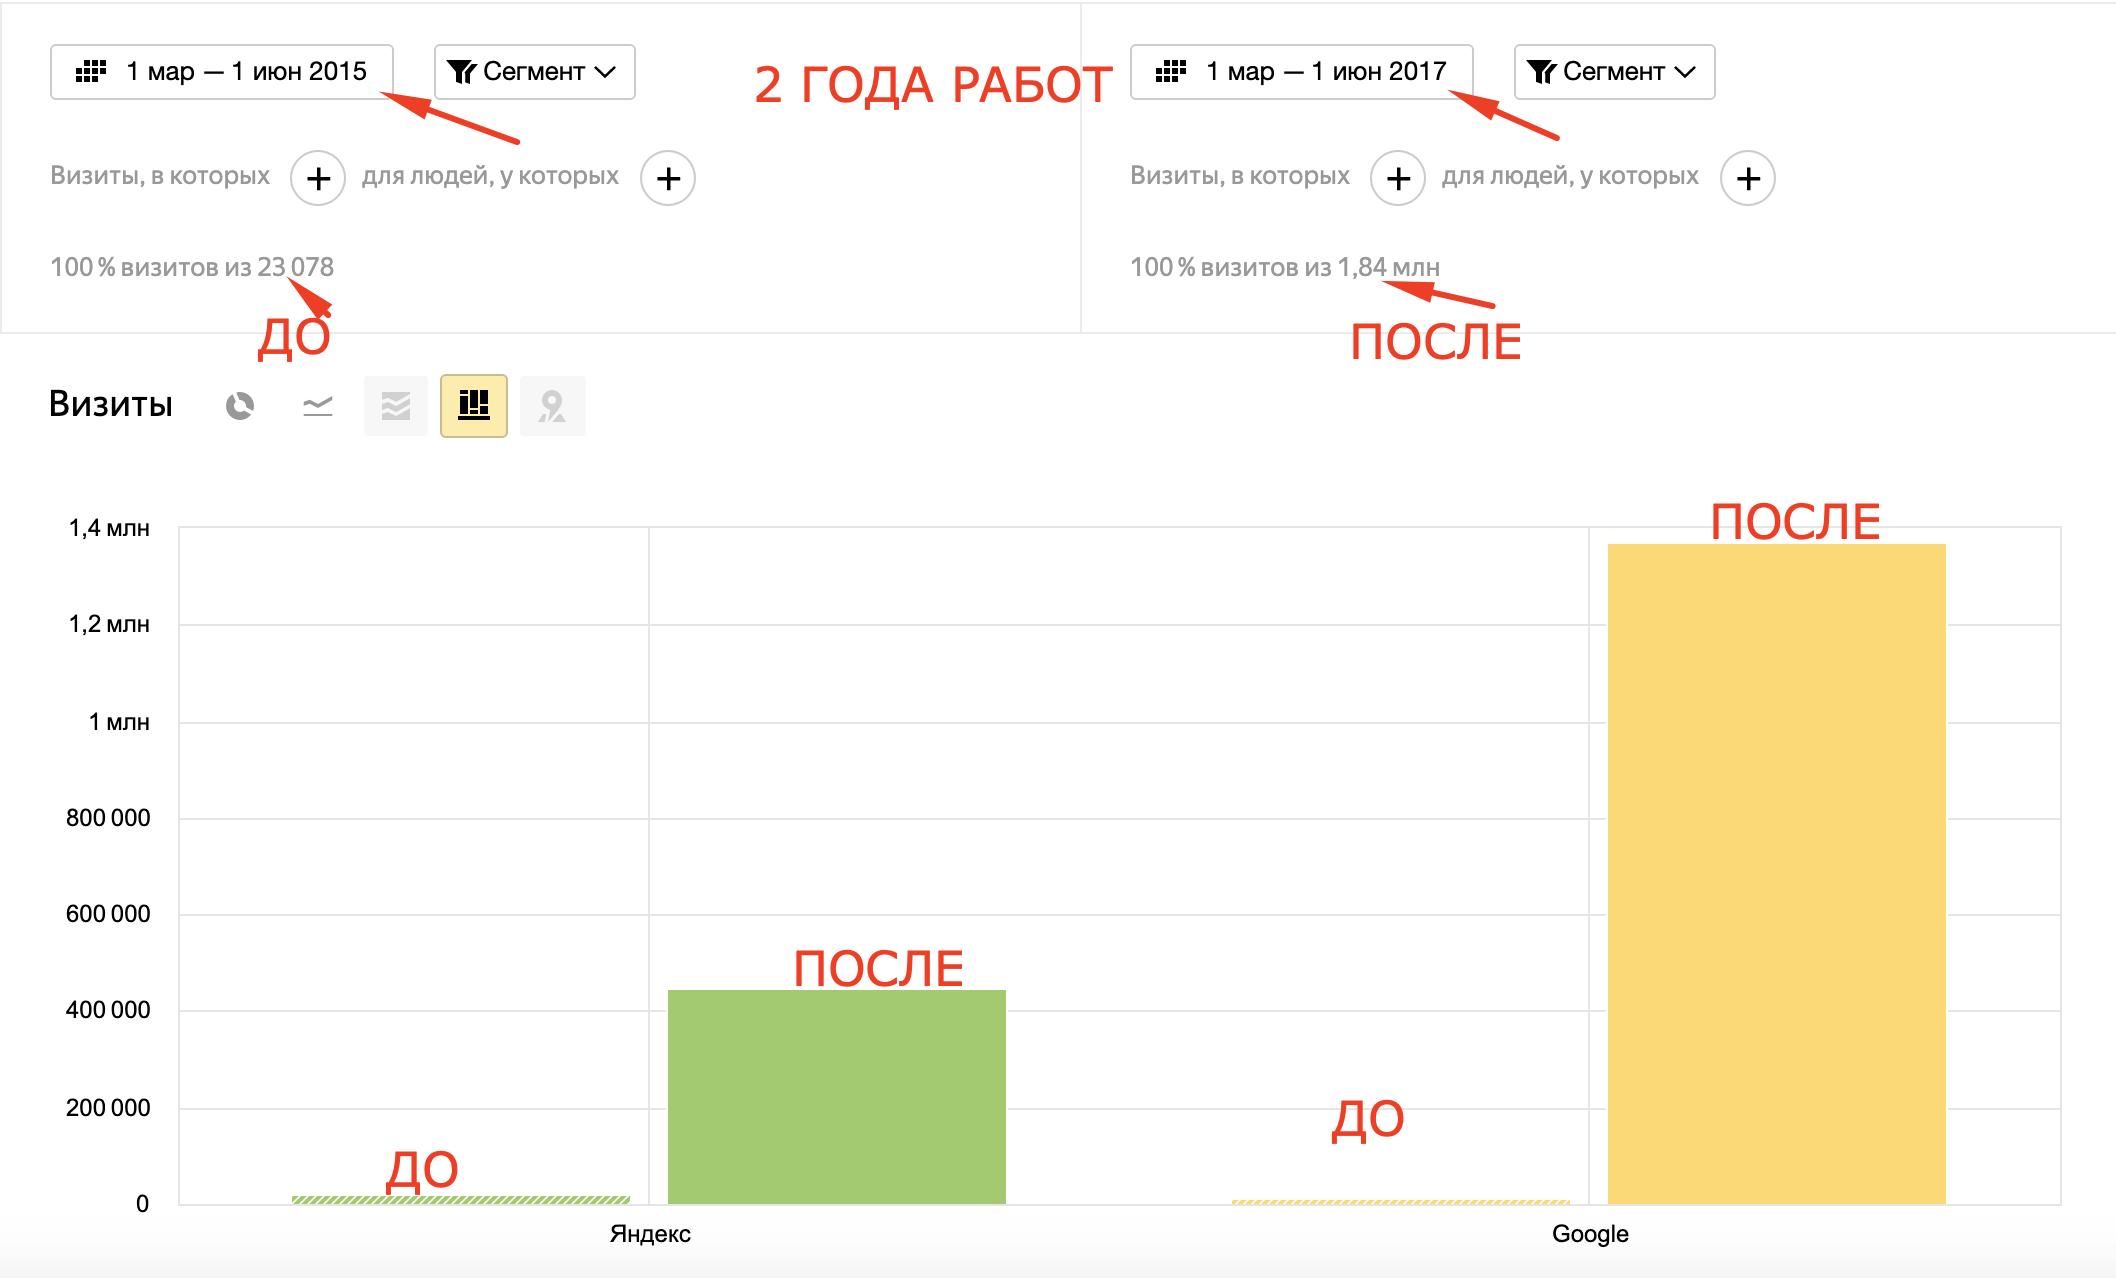 Раскрутка сайта по продаже мобильных телефонов и техники, Москва, РФ